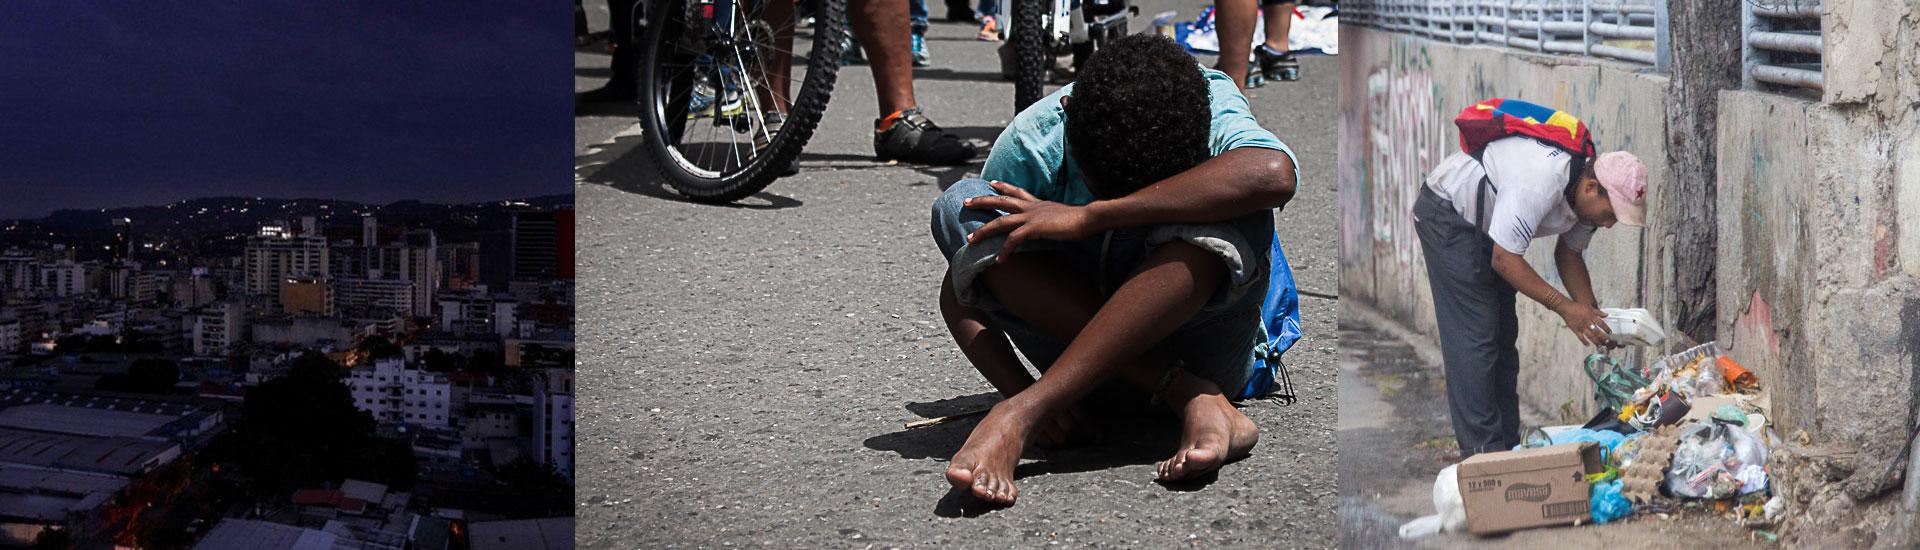 Venezuela: pobreza y necesidad